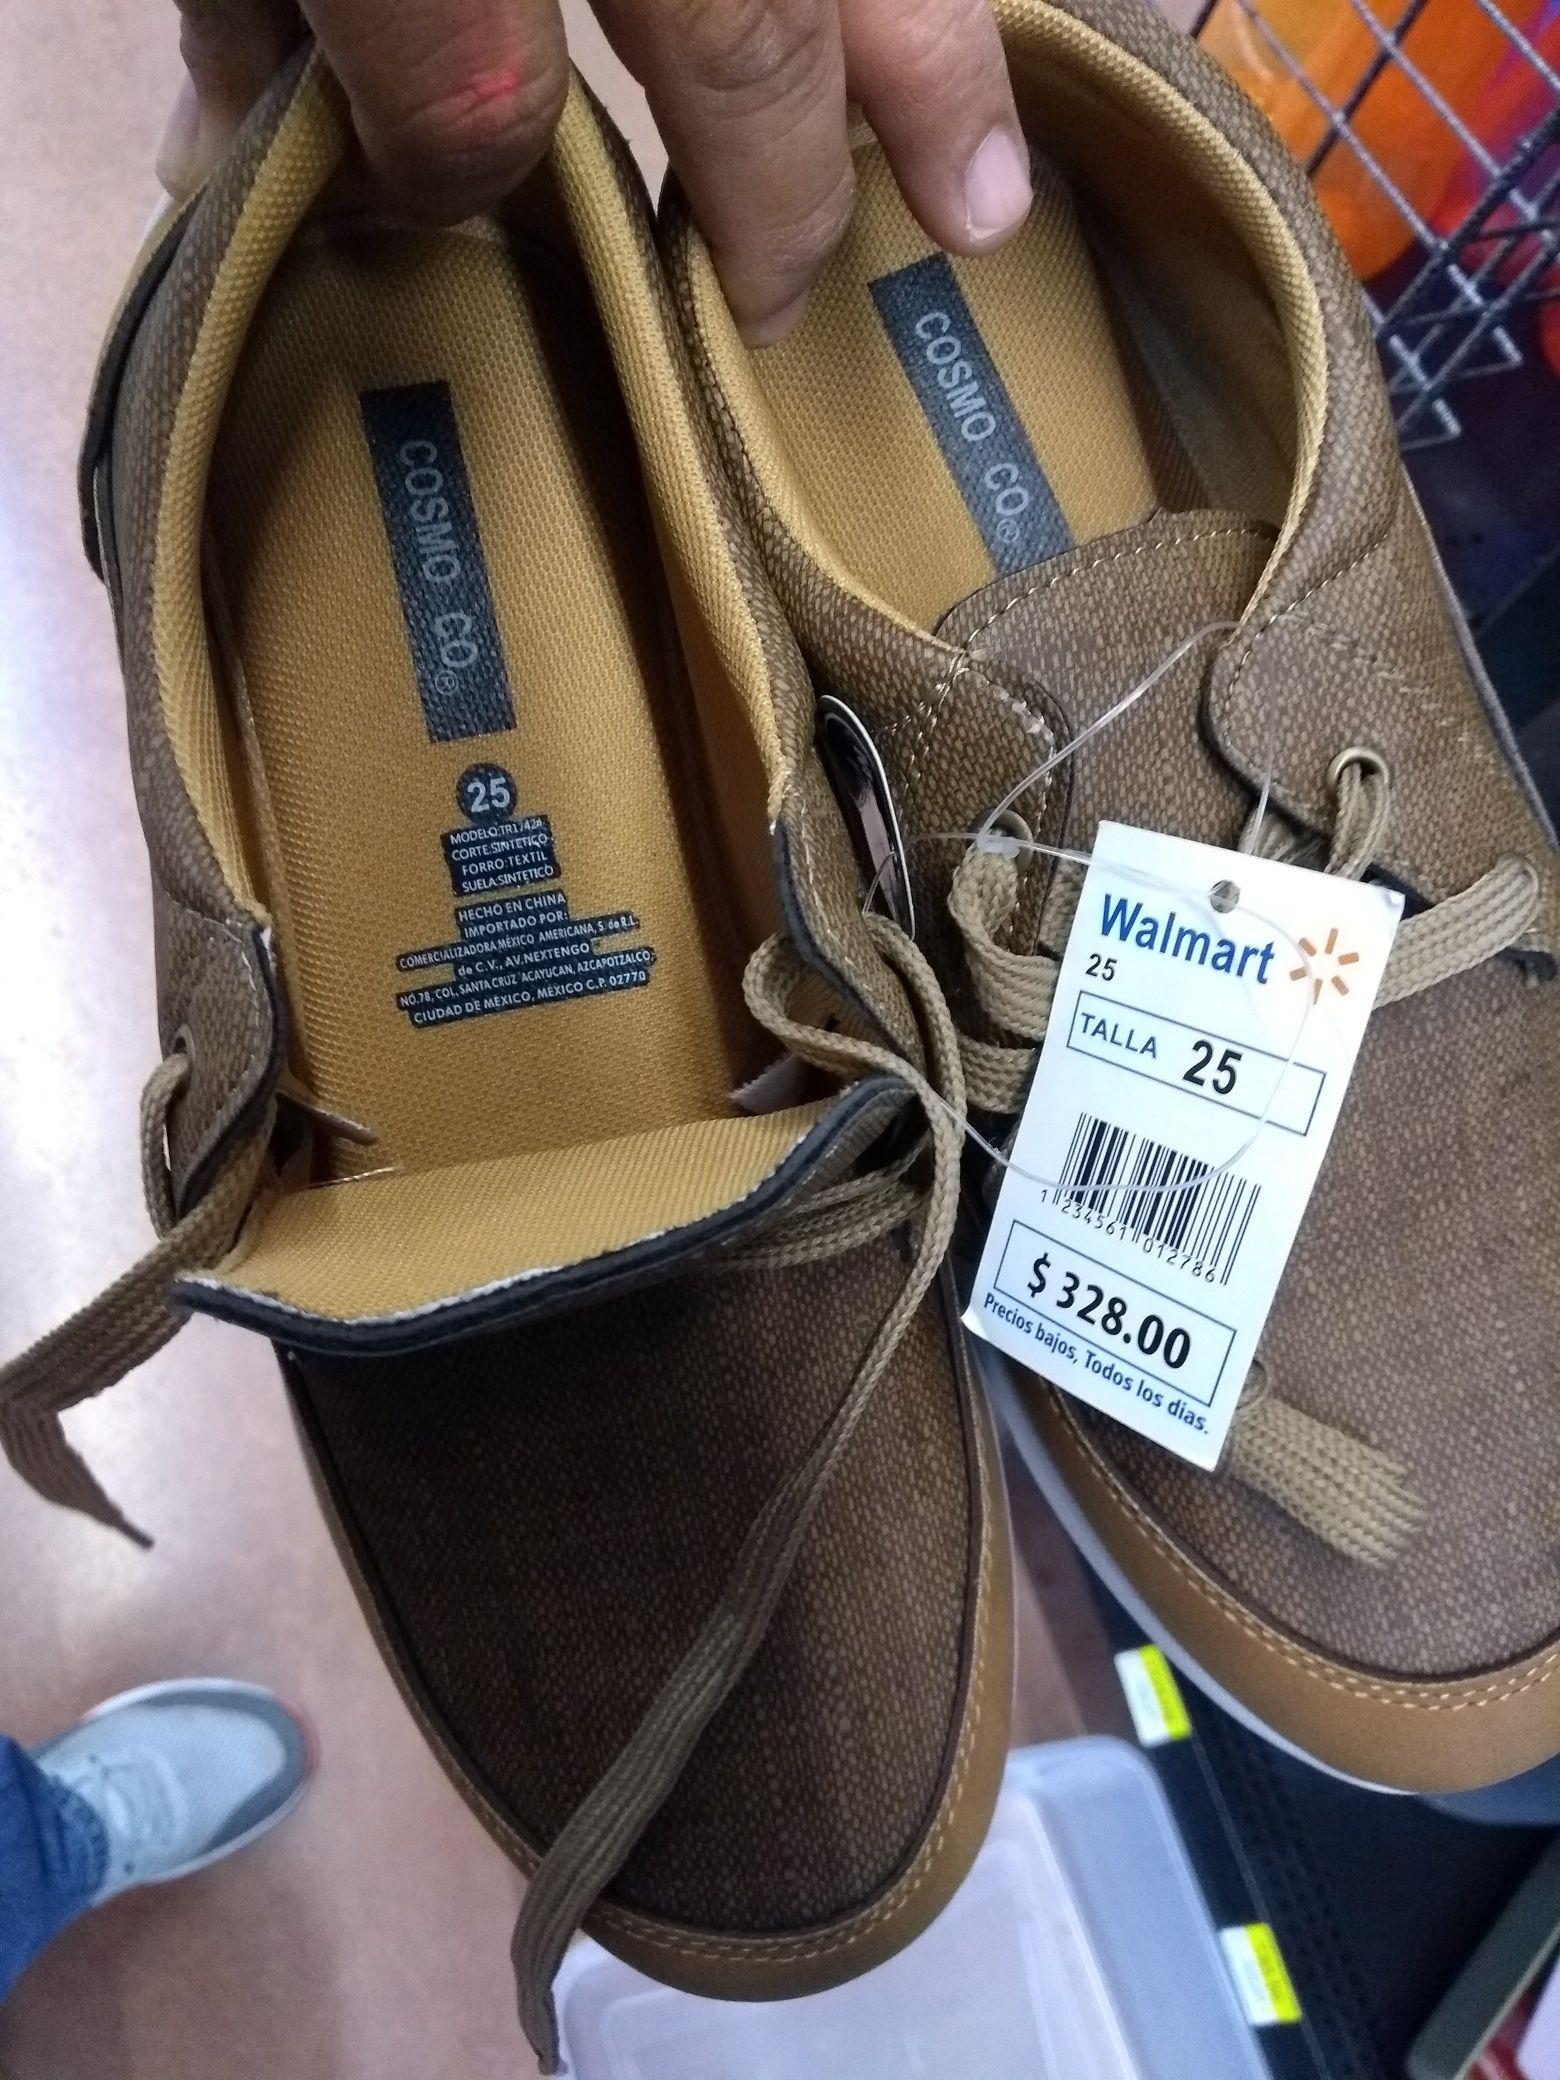 Walmart Galerías Saltillo: Tenis Cosmo Co a $30.01